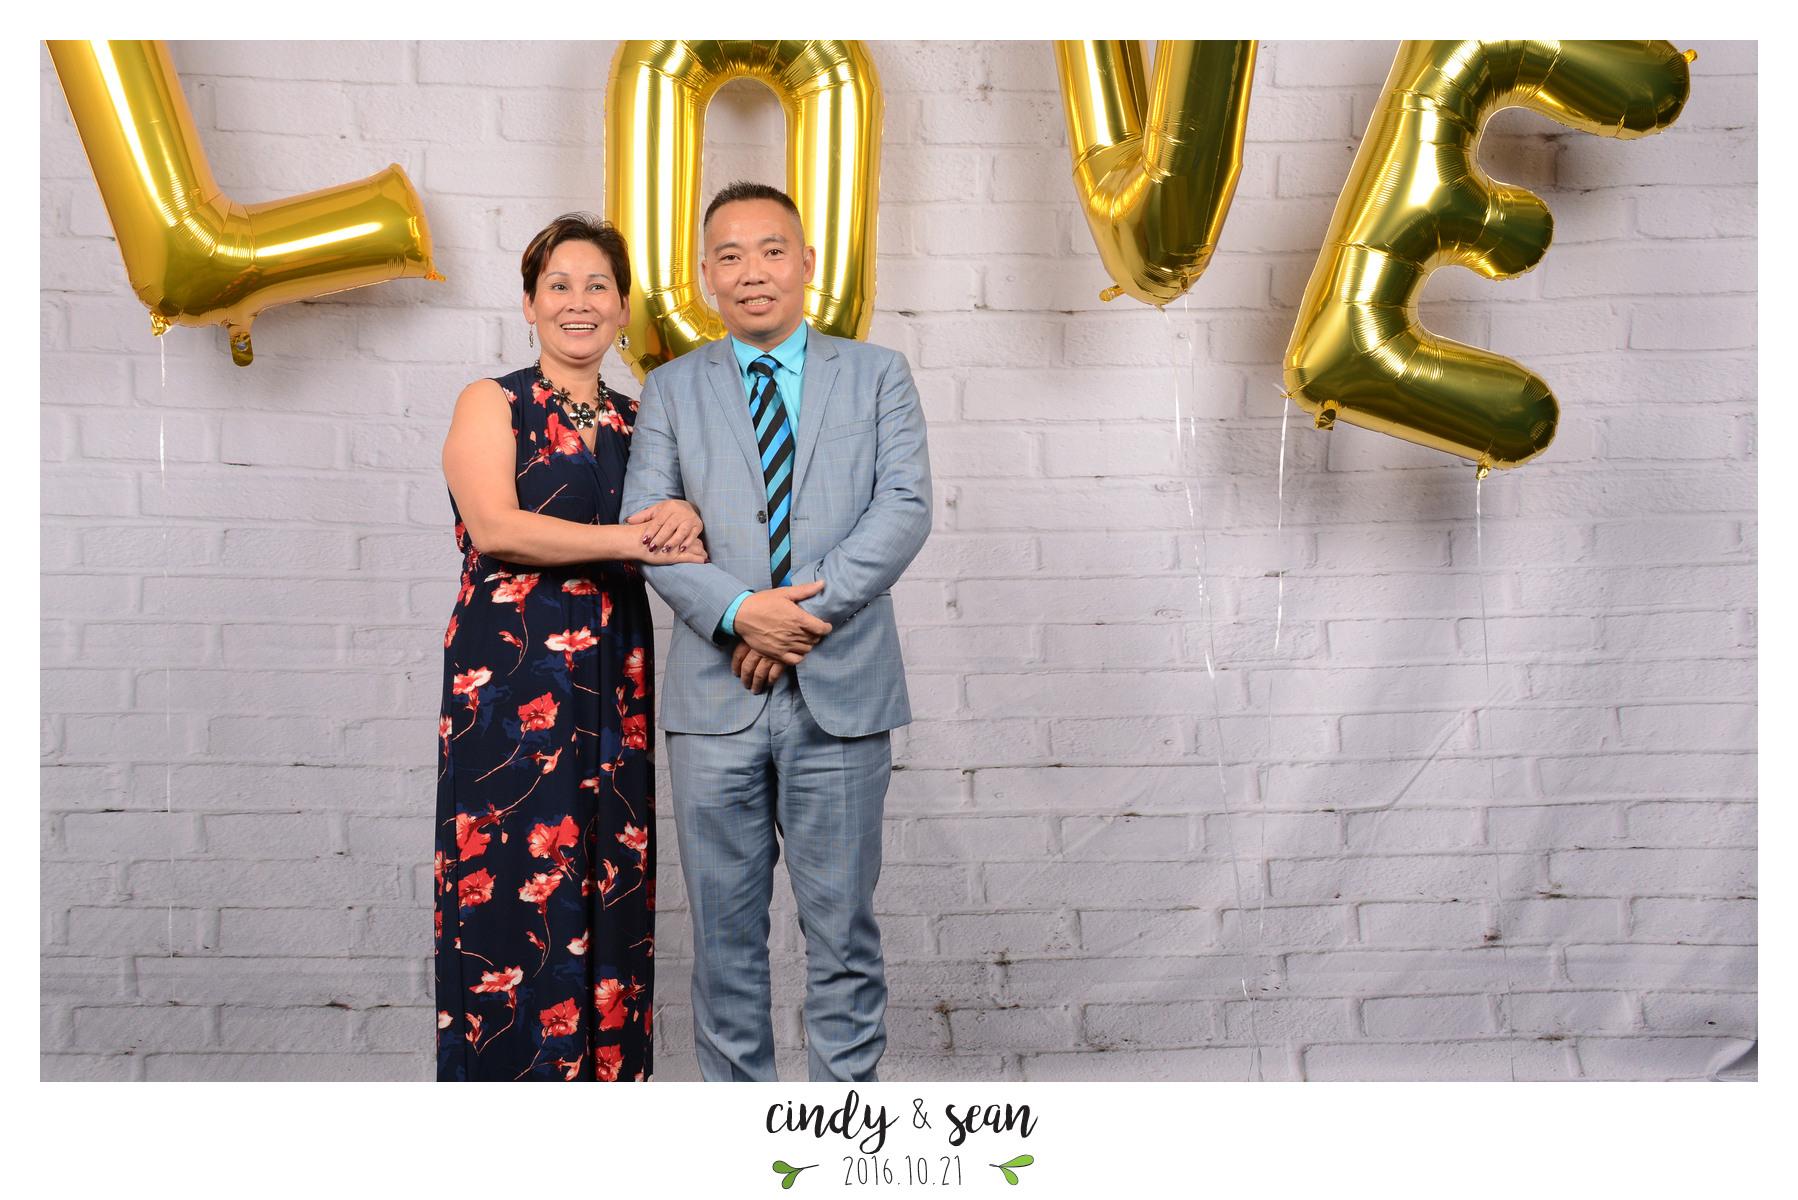 Cindy Sean Bae - 0001-56.jpg